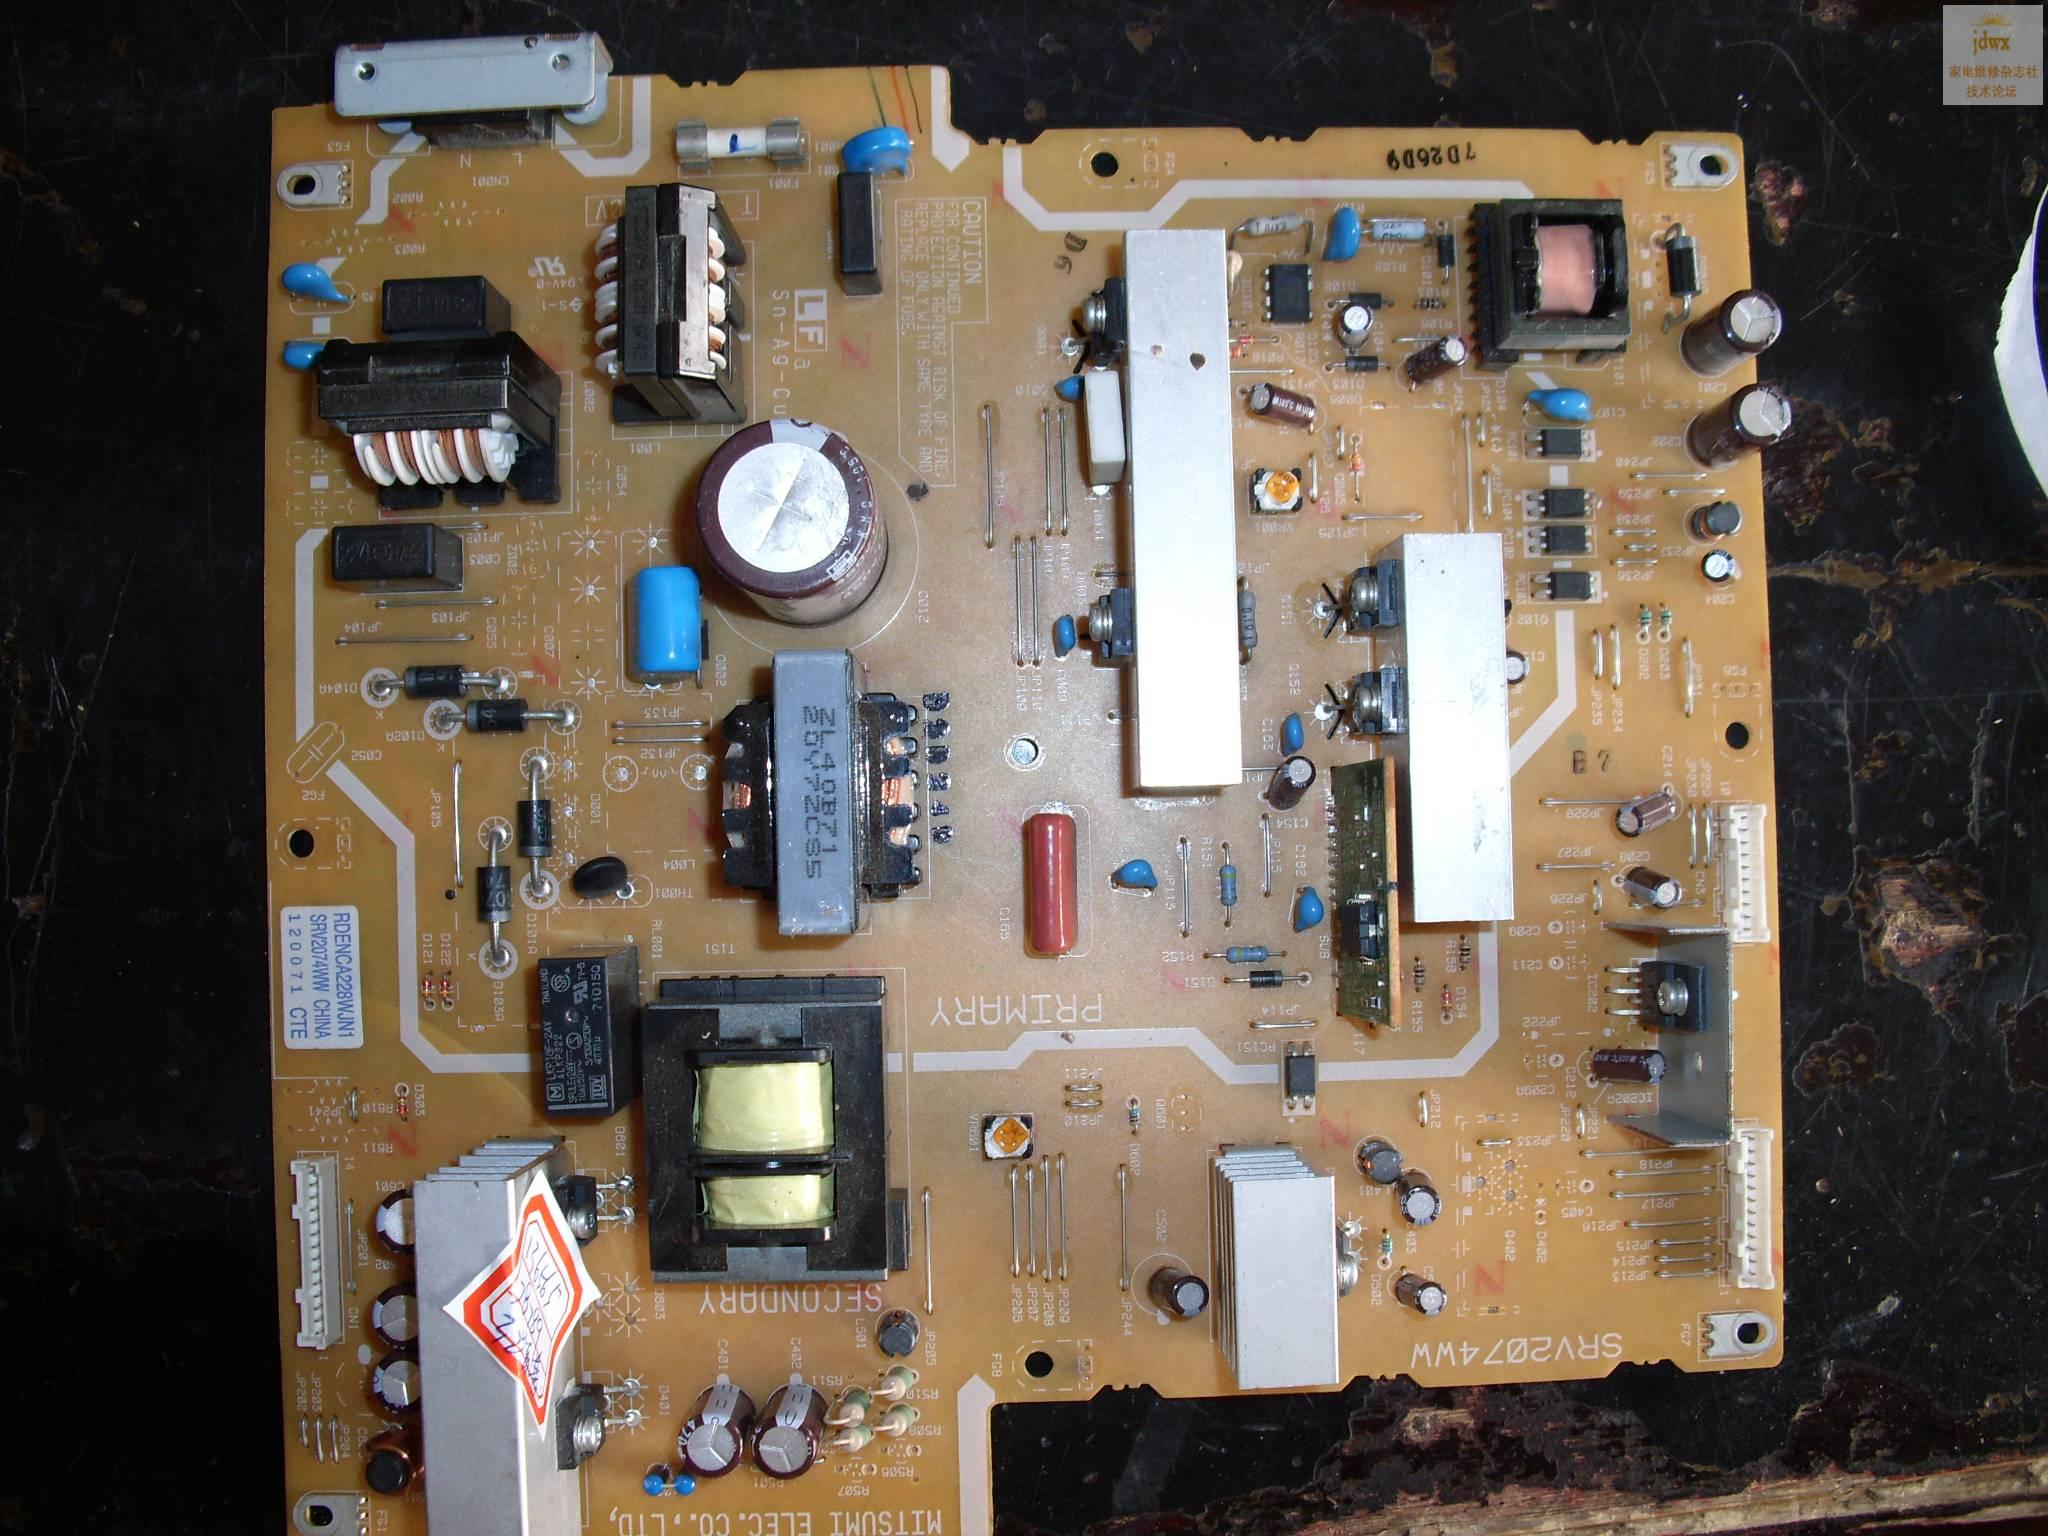 那位师傅有夏普lcd-32px5的电源板的图纸发一份上来?谢谢了.